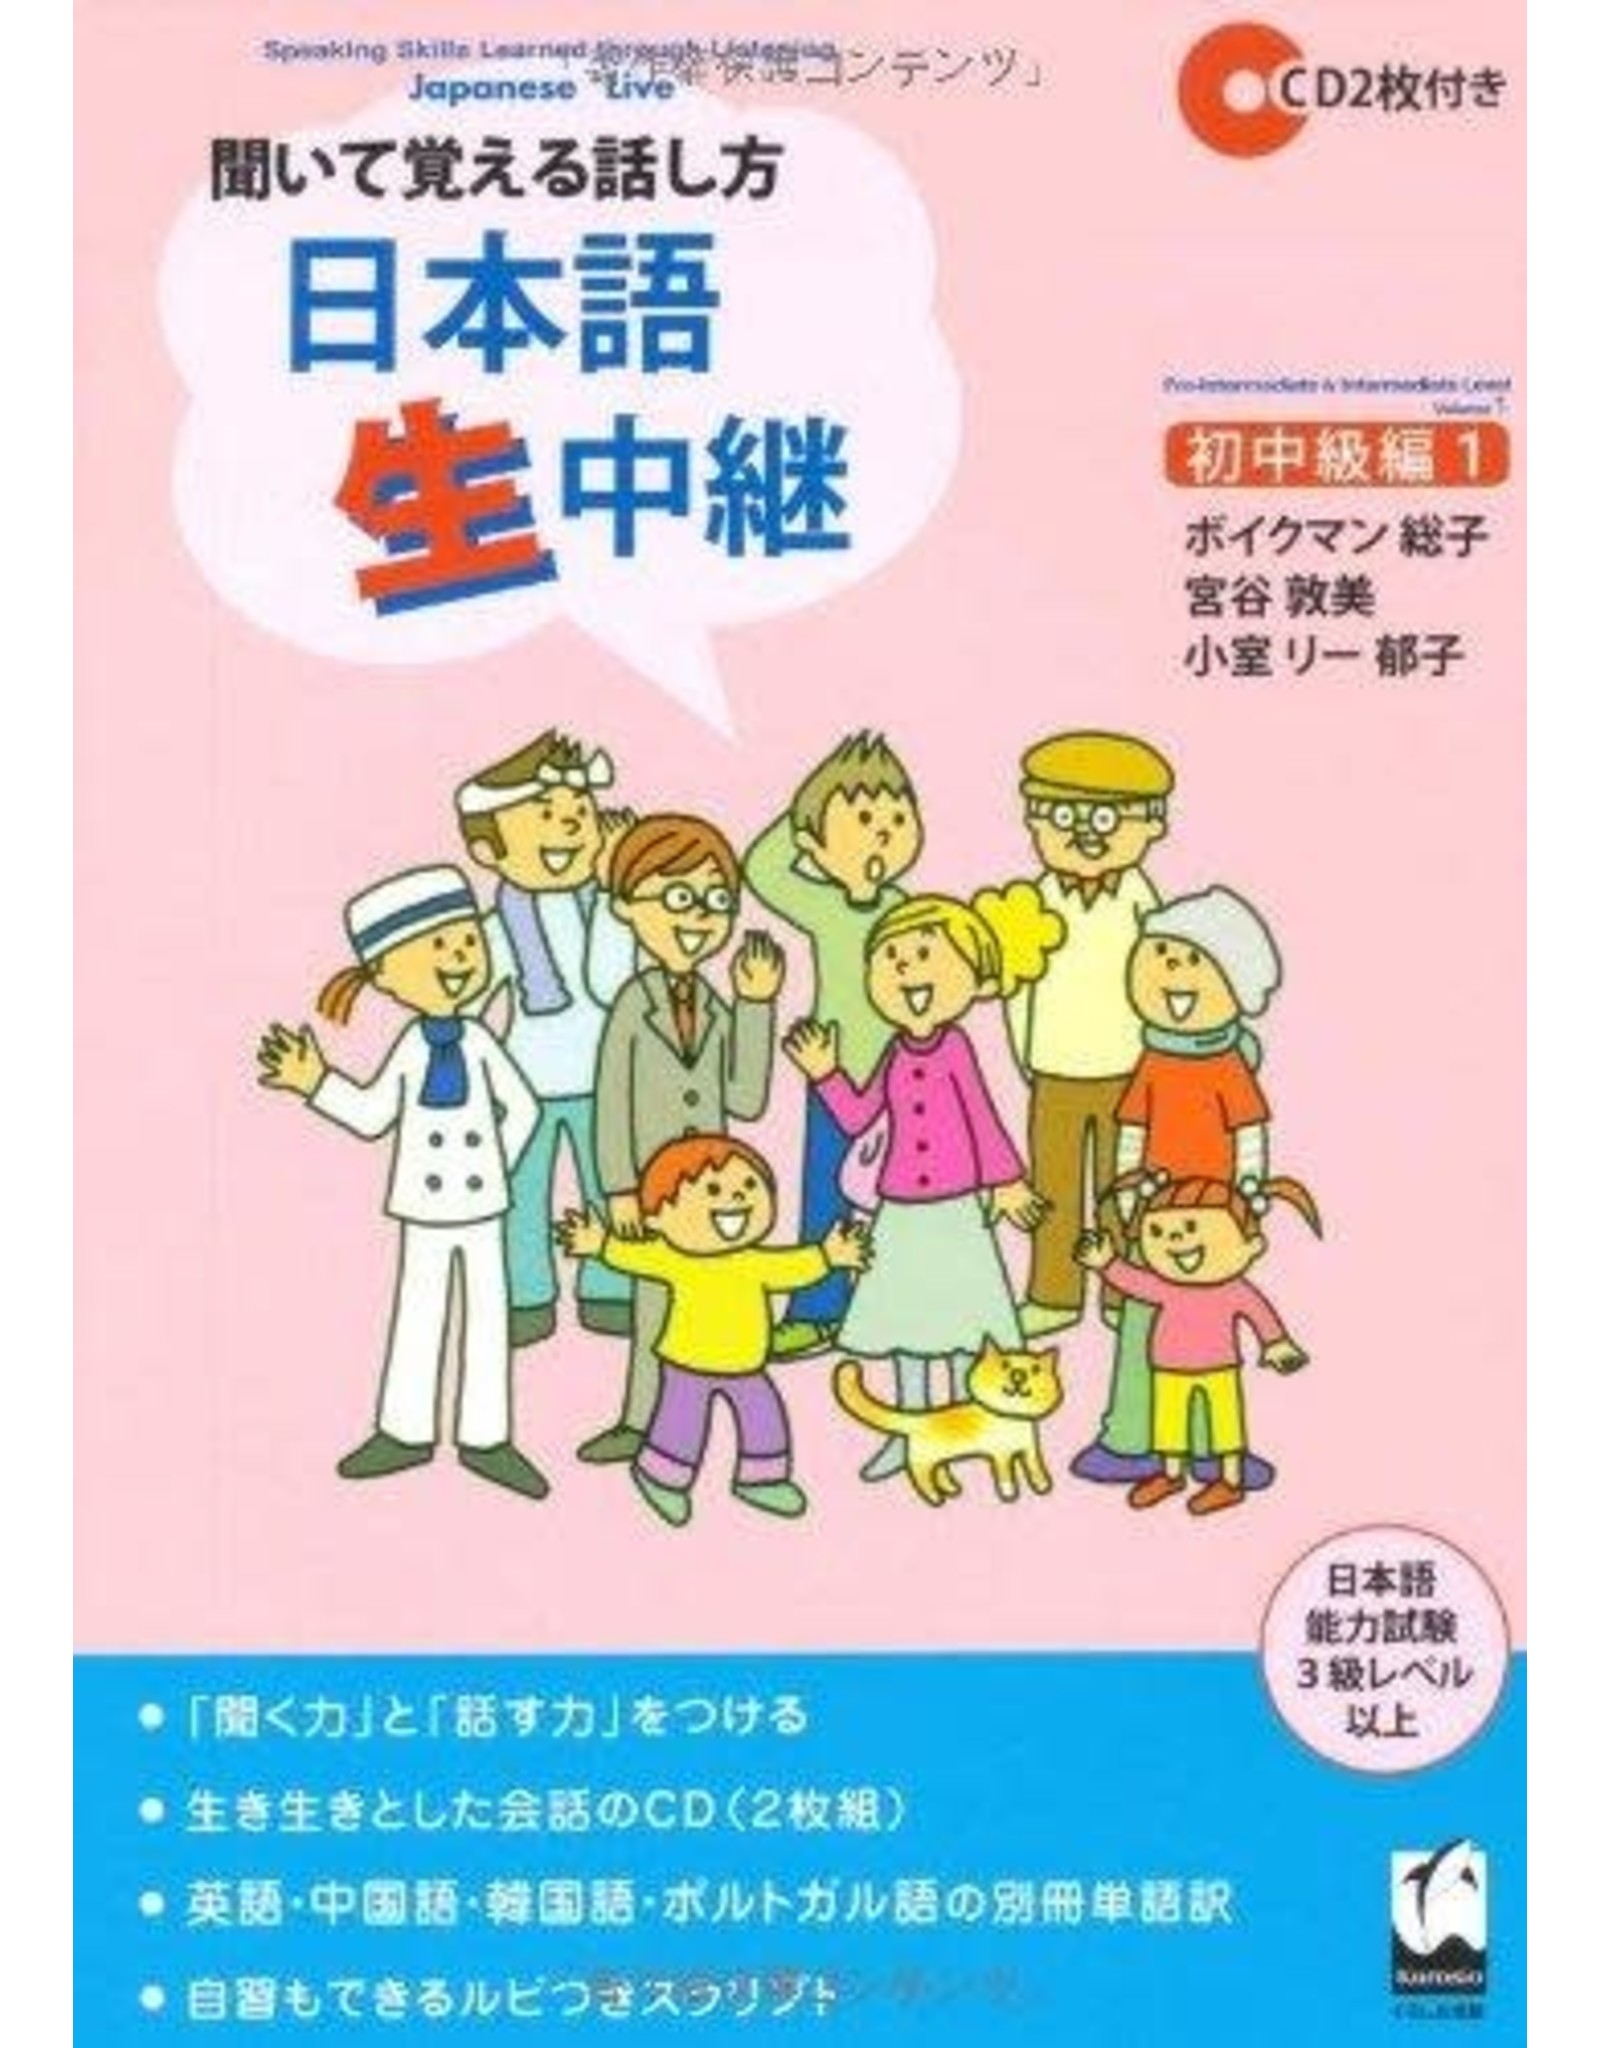 KUROSHIO NIHONGO NAMACHUKEI : KIITE OBOERU HANASHIKATA SHOCHUKYUHEN 1